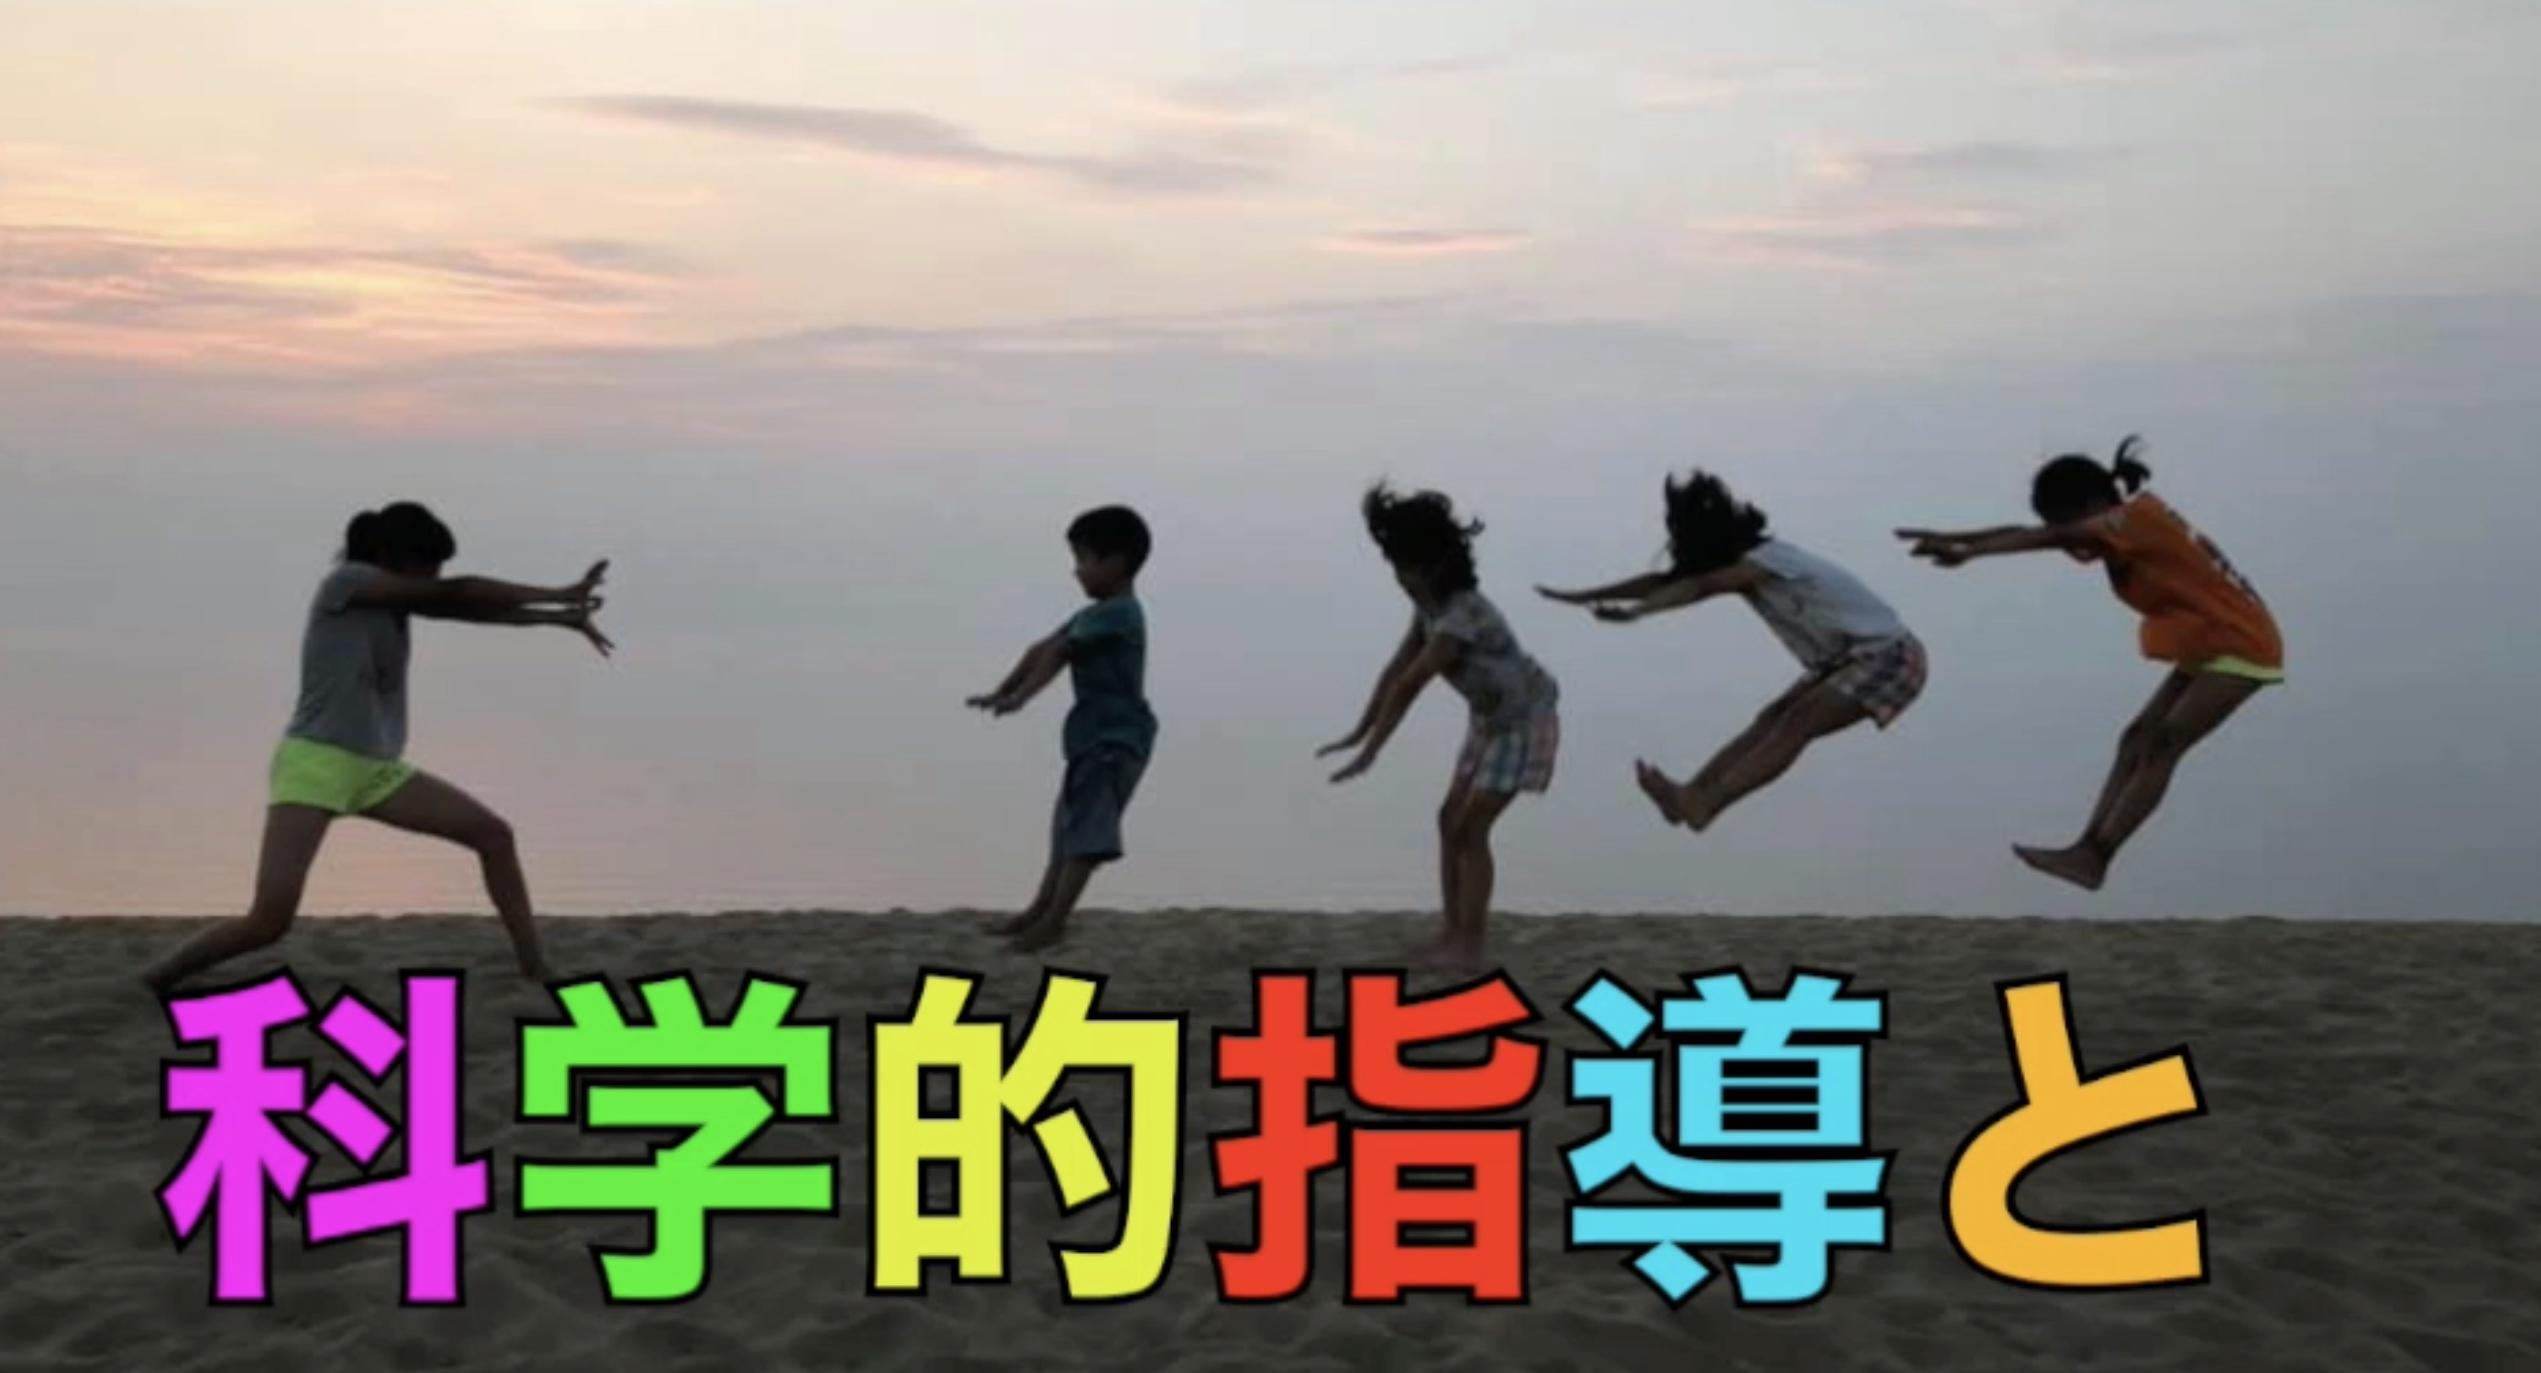 第2949話・・・バレー塾in能生17_c0000970_16205360.jpg